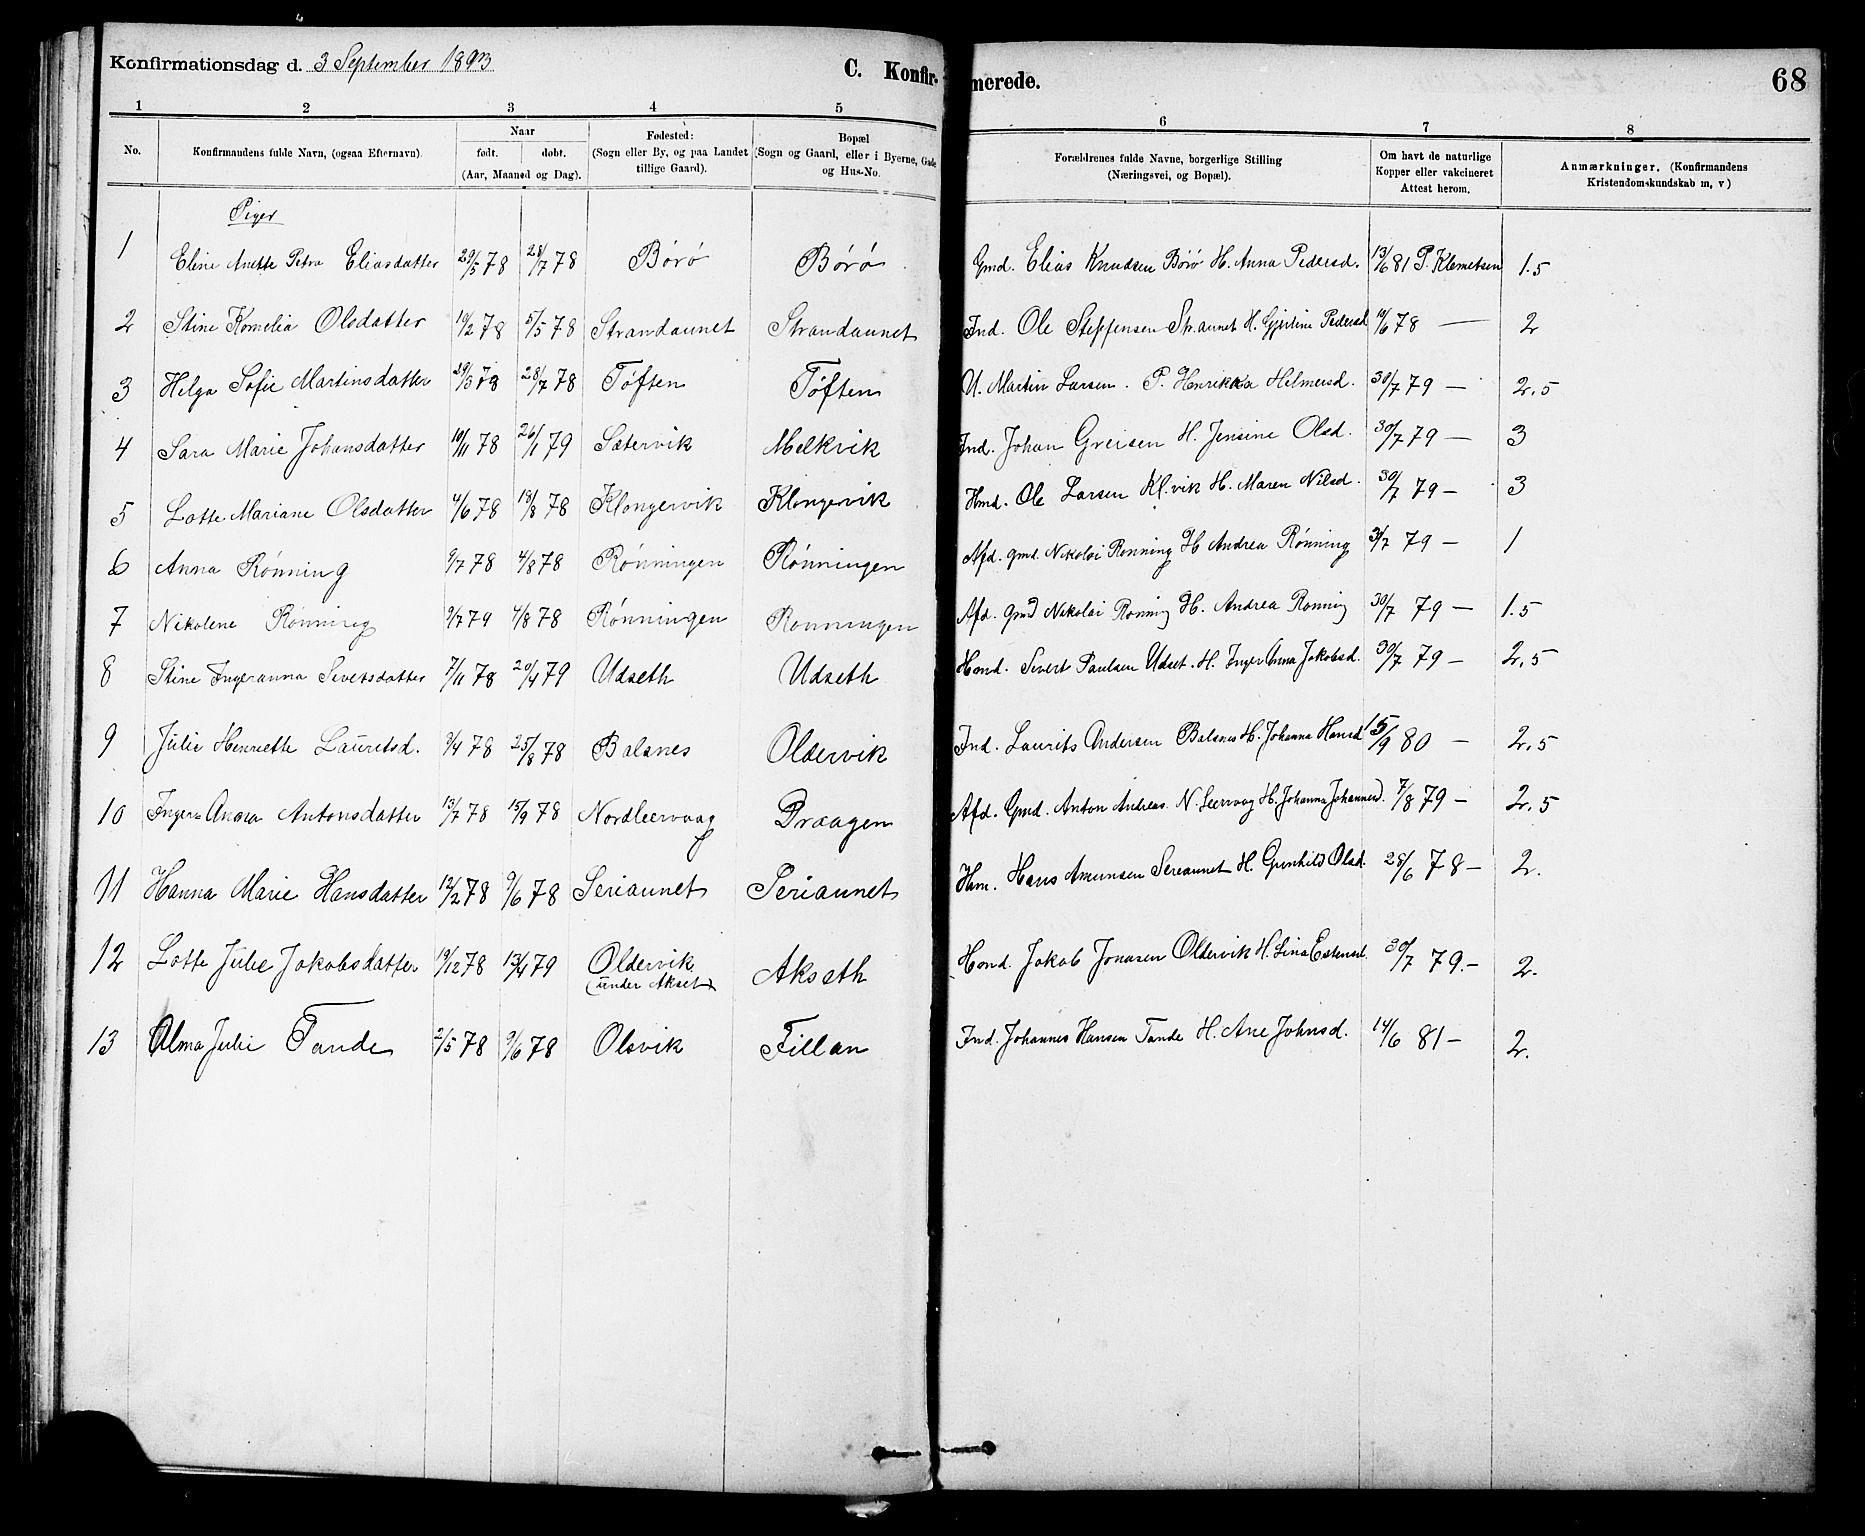 SAT, Ministerialprotokoller, klokkerbøker og fødselsregistre - Sør-Trøndelag, 639/L0573: Klokkerbok nr. 639C01, 1890-1905, s. 68